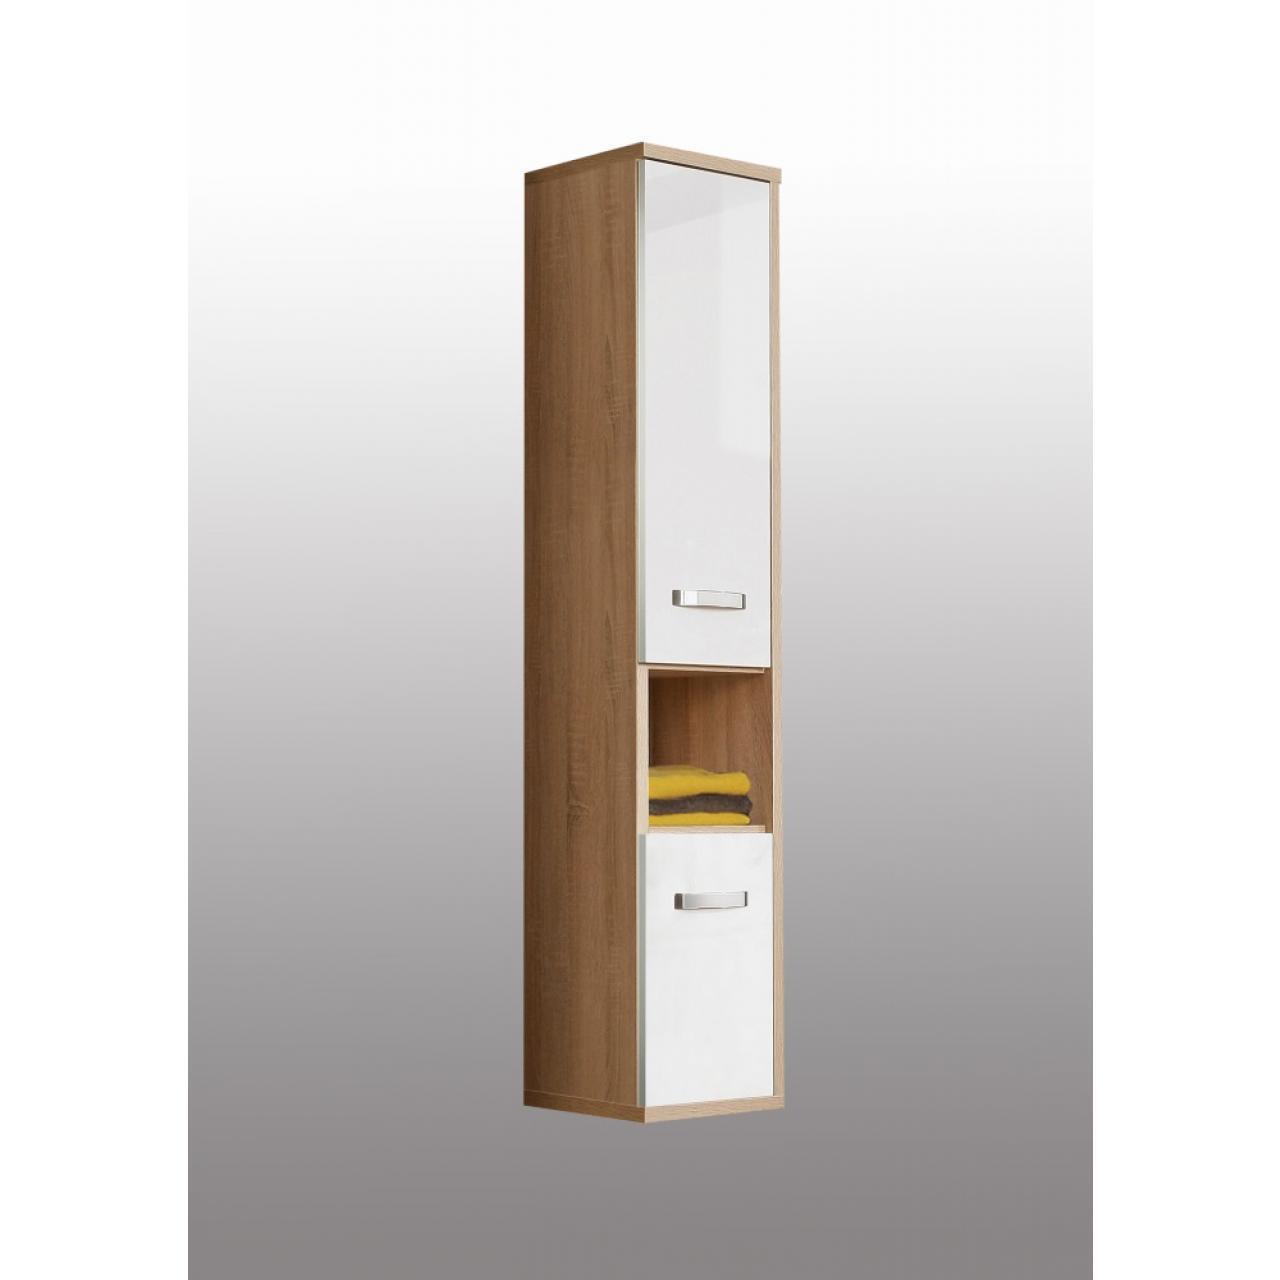 badm bel online kaufen m bel j hnichen center gmbh. Black Bedroom Furniture Sets. Home Design Ideas